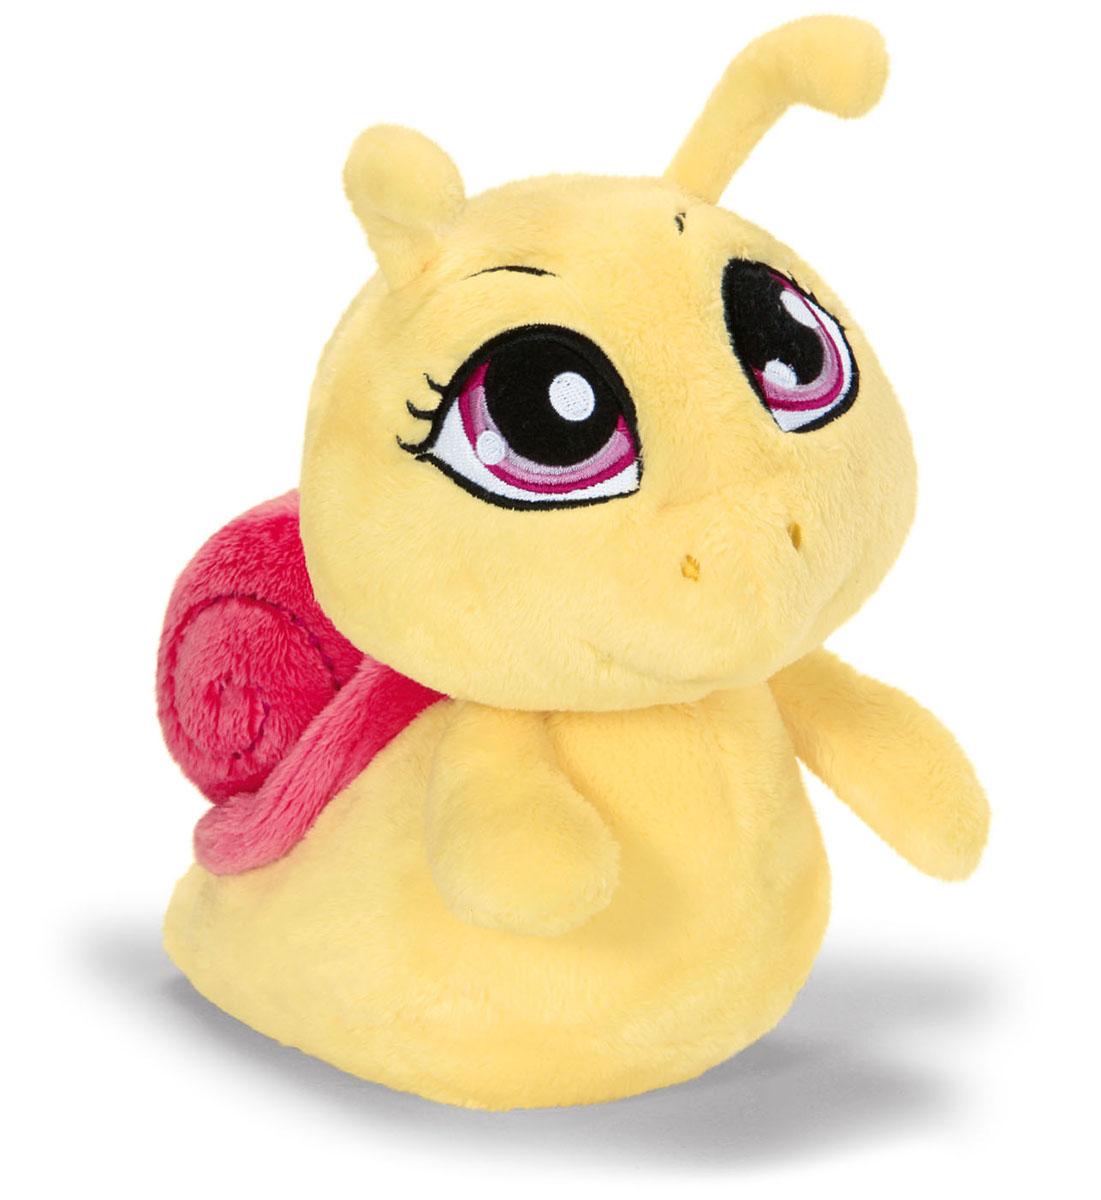 Мягкая игрушка Nici Улитка, цвет: желтый, 30 см36450Симпатичная мягкая игрушка Улитка не оставит вас равнодушным и вызовет улыбку у каждого, кто ее увидит. Удивительно мягкая игрушка изготовлена из высококачественного текстильного материала с набивкой из синтепона и пластиковых гранул. Глазки у улитки вышитые. Оригинальный стиль и великолепное качество исполнения делают эту игрушку чудесным подарком к любому празднику. Немецкая компания Nici является одним из лидеров на Европейском рынке мягких игрушек и подарков. Продукцию компании можно встретить везде: это и значок на школьном рюкзаке, и магнит на холодильнике, и поздравительная открытка, и мягкая игрушка, и автомобильный талисман. Игрушки Nici - это товары высочайшего качества и инновационного дизайна. Для создания всего одной игрушки работает большое количество людей и используется самое современное оборудование и технологии. И делается все это для того, чтобы добиться счастливых улыбок покупателей.